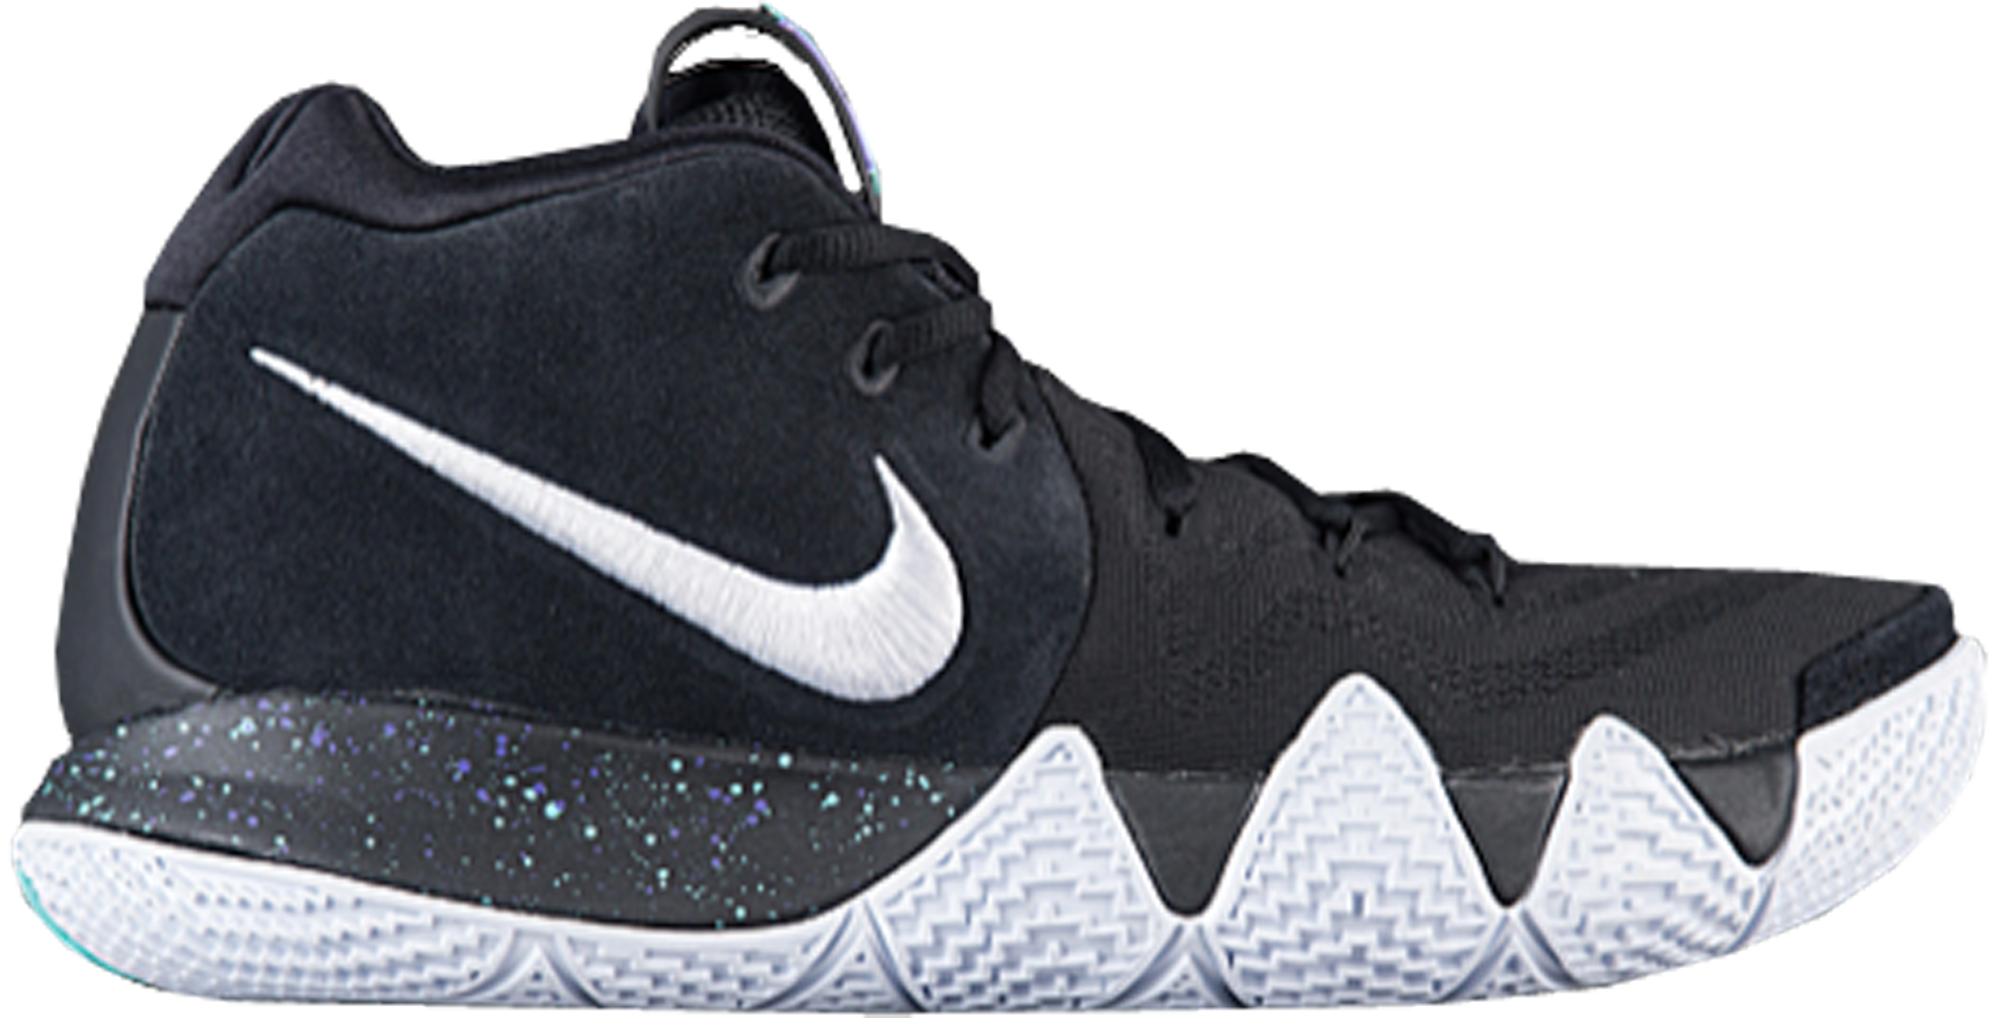 44b27e23 Nike Kyrie 4 Black White - StockX News